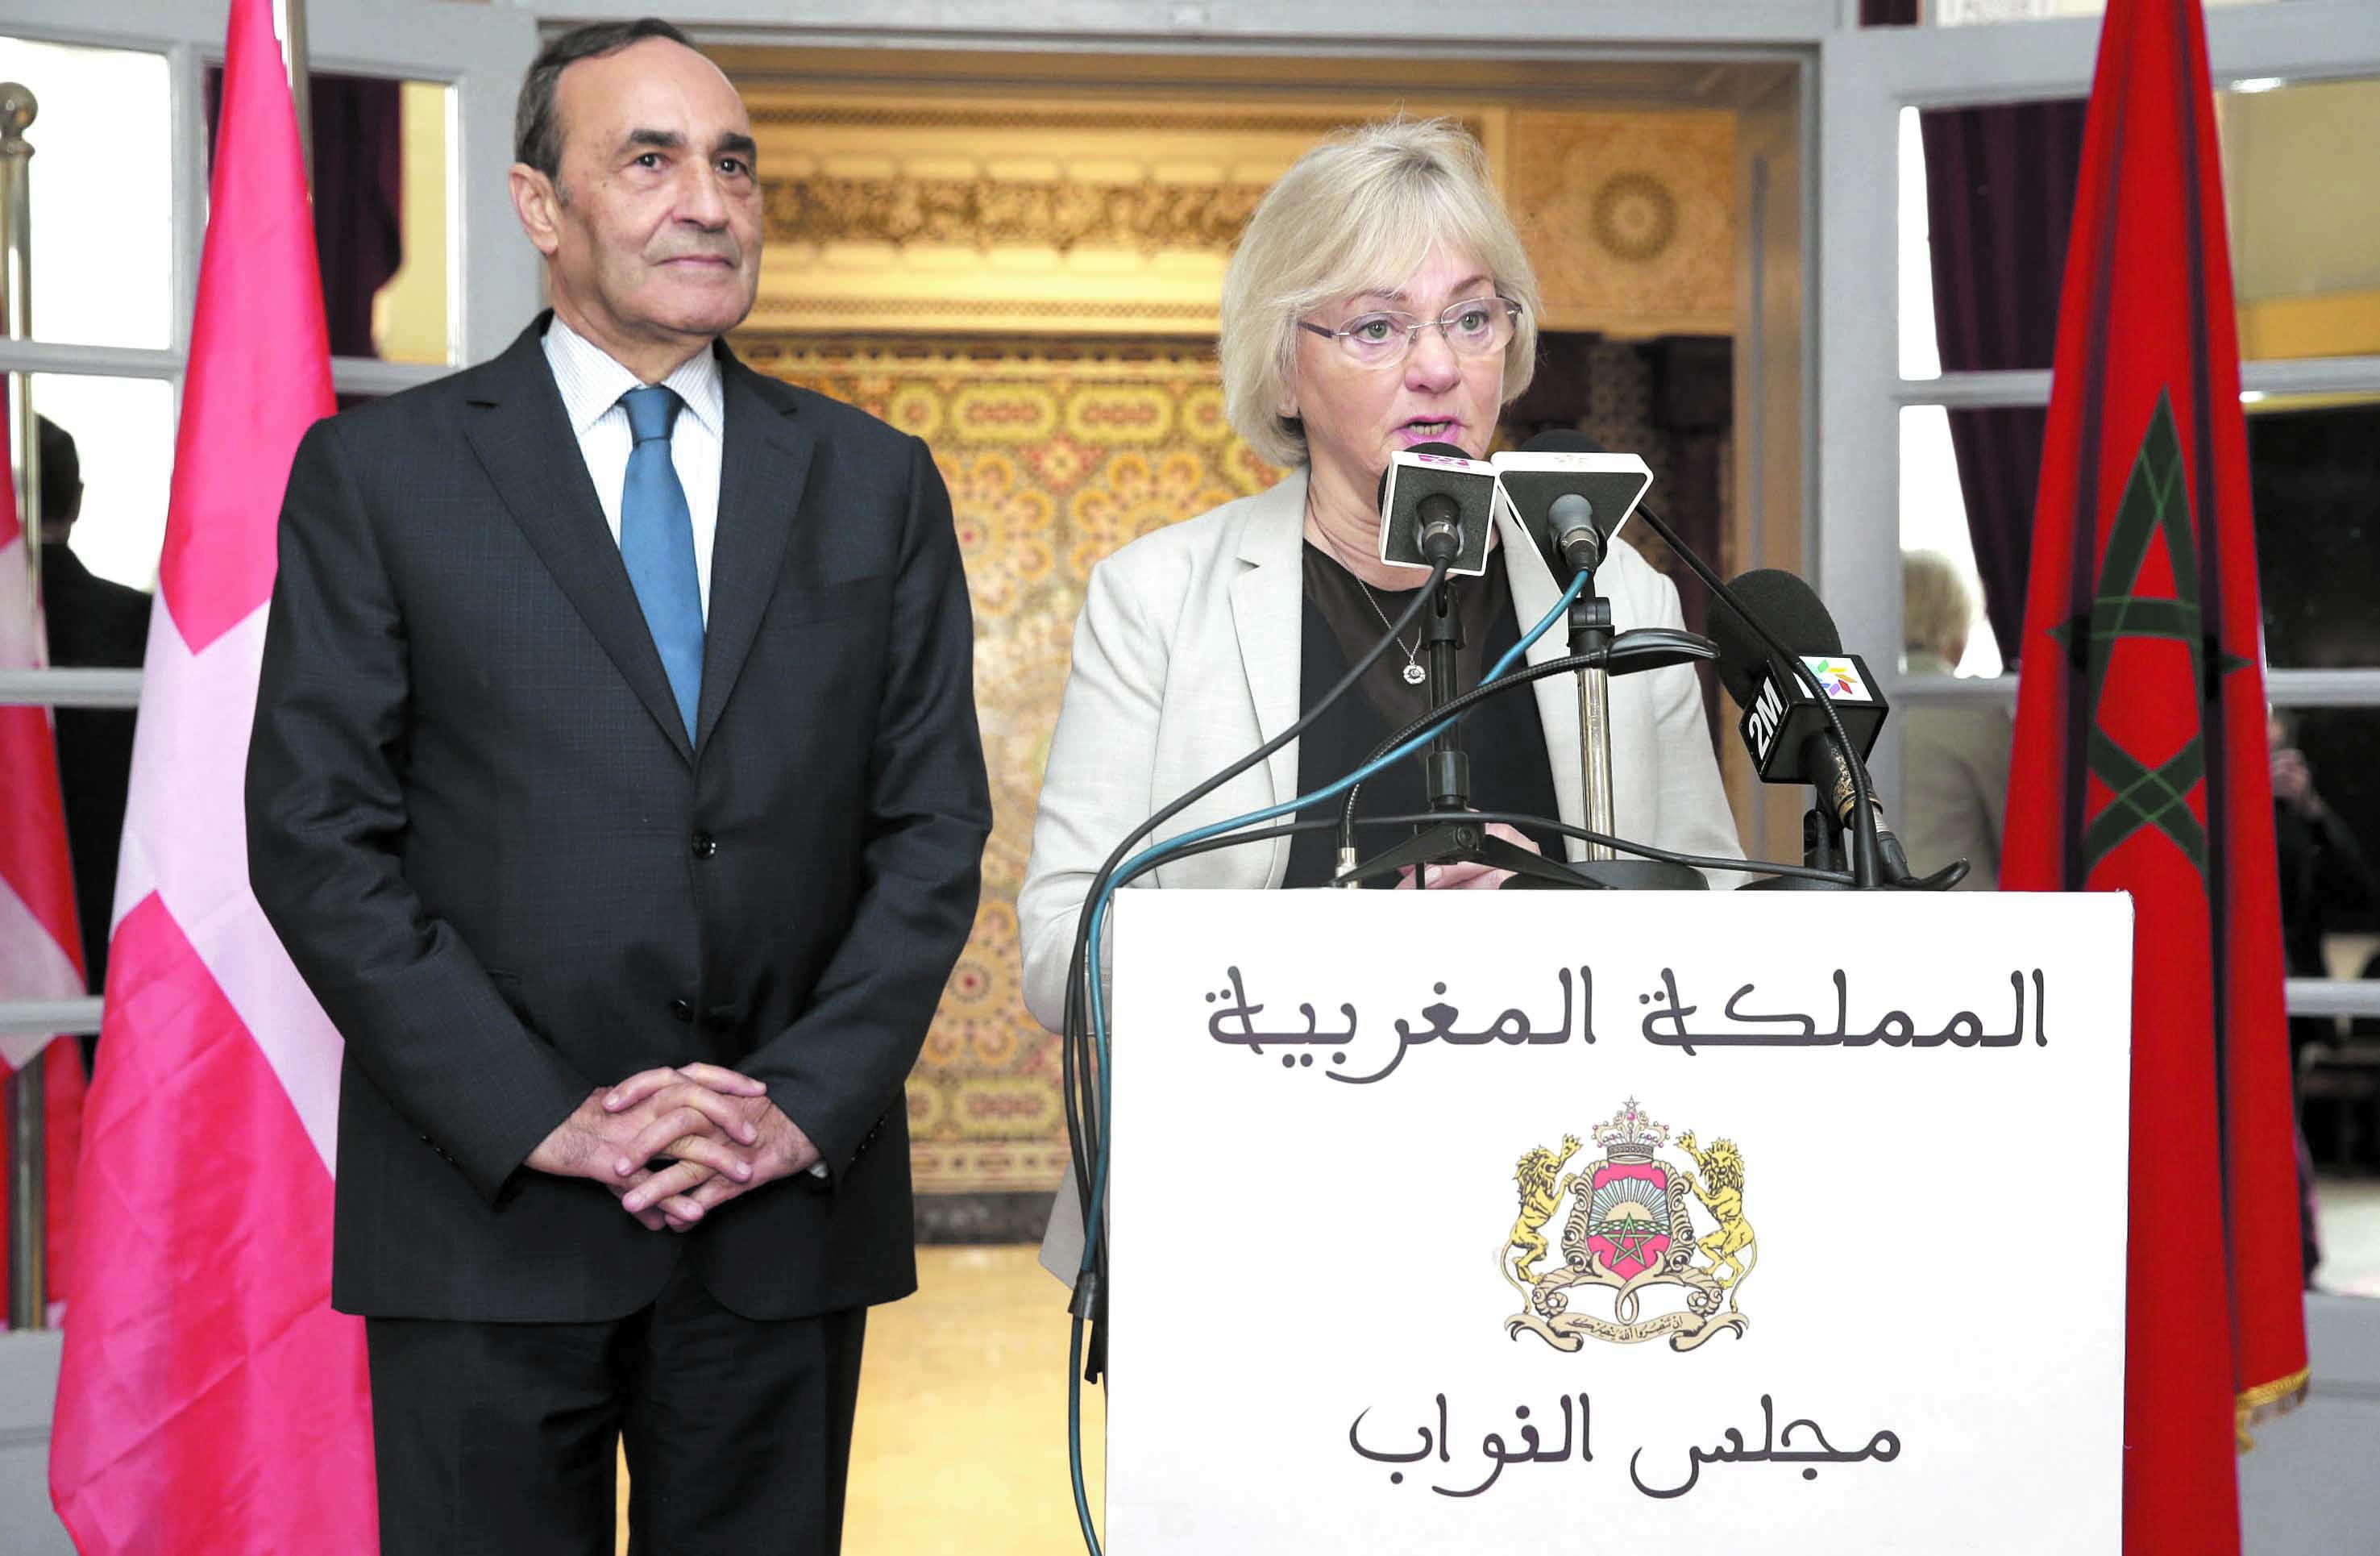 Habib El Malki s'entretient avec la présidente du Parlement danois